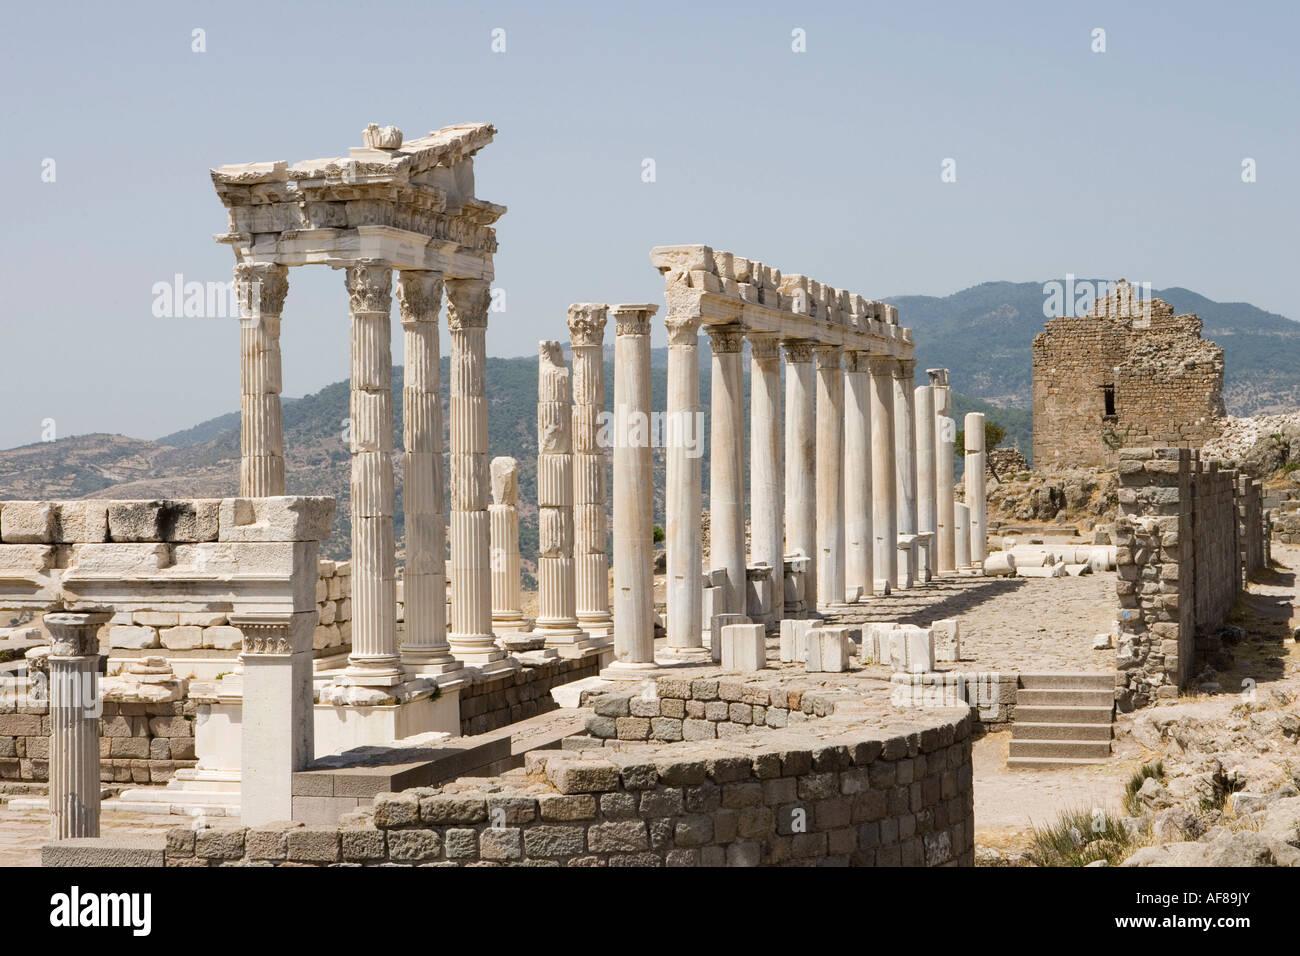 Temple of Trajan Columns, Acropolis, Ancient Pergamum ...